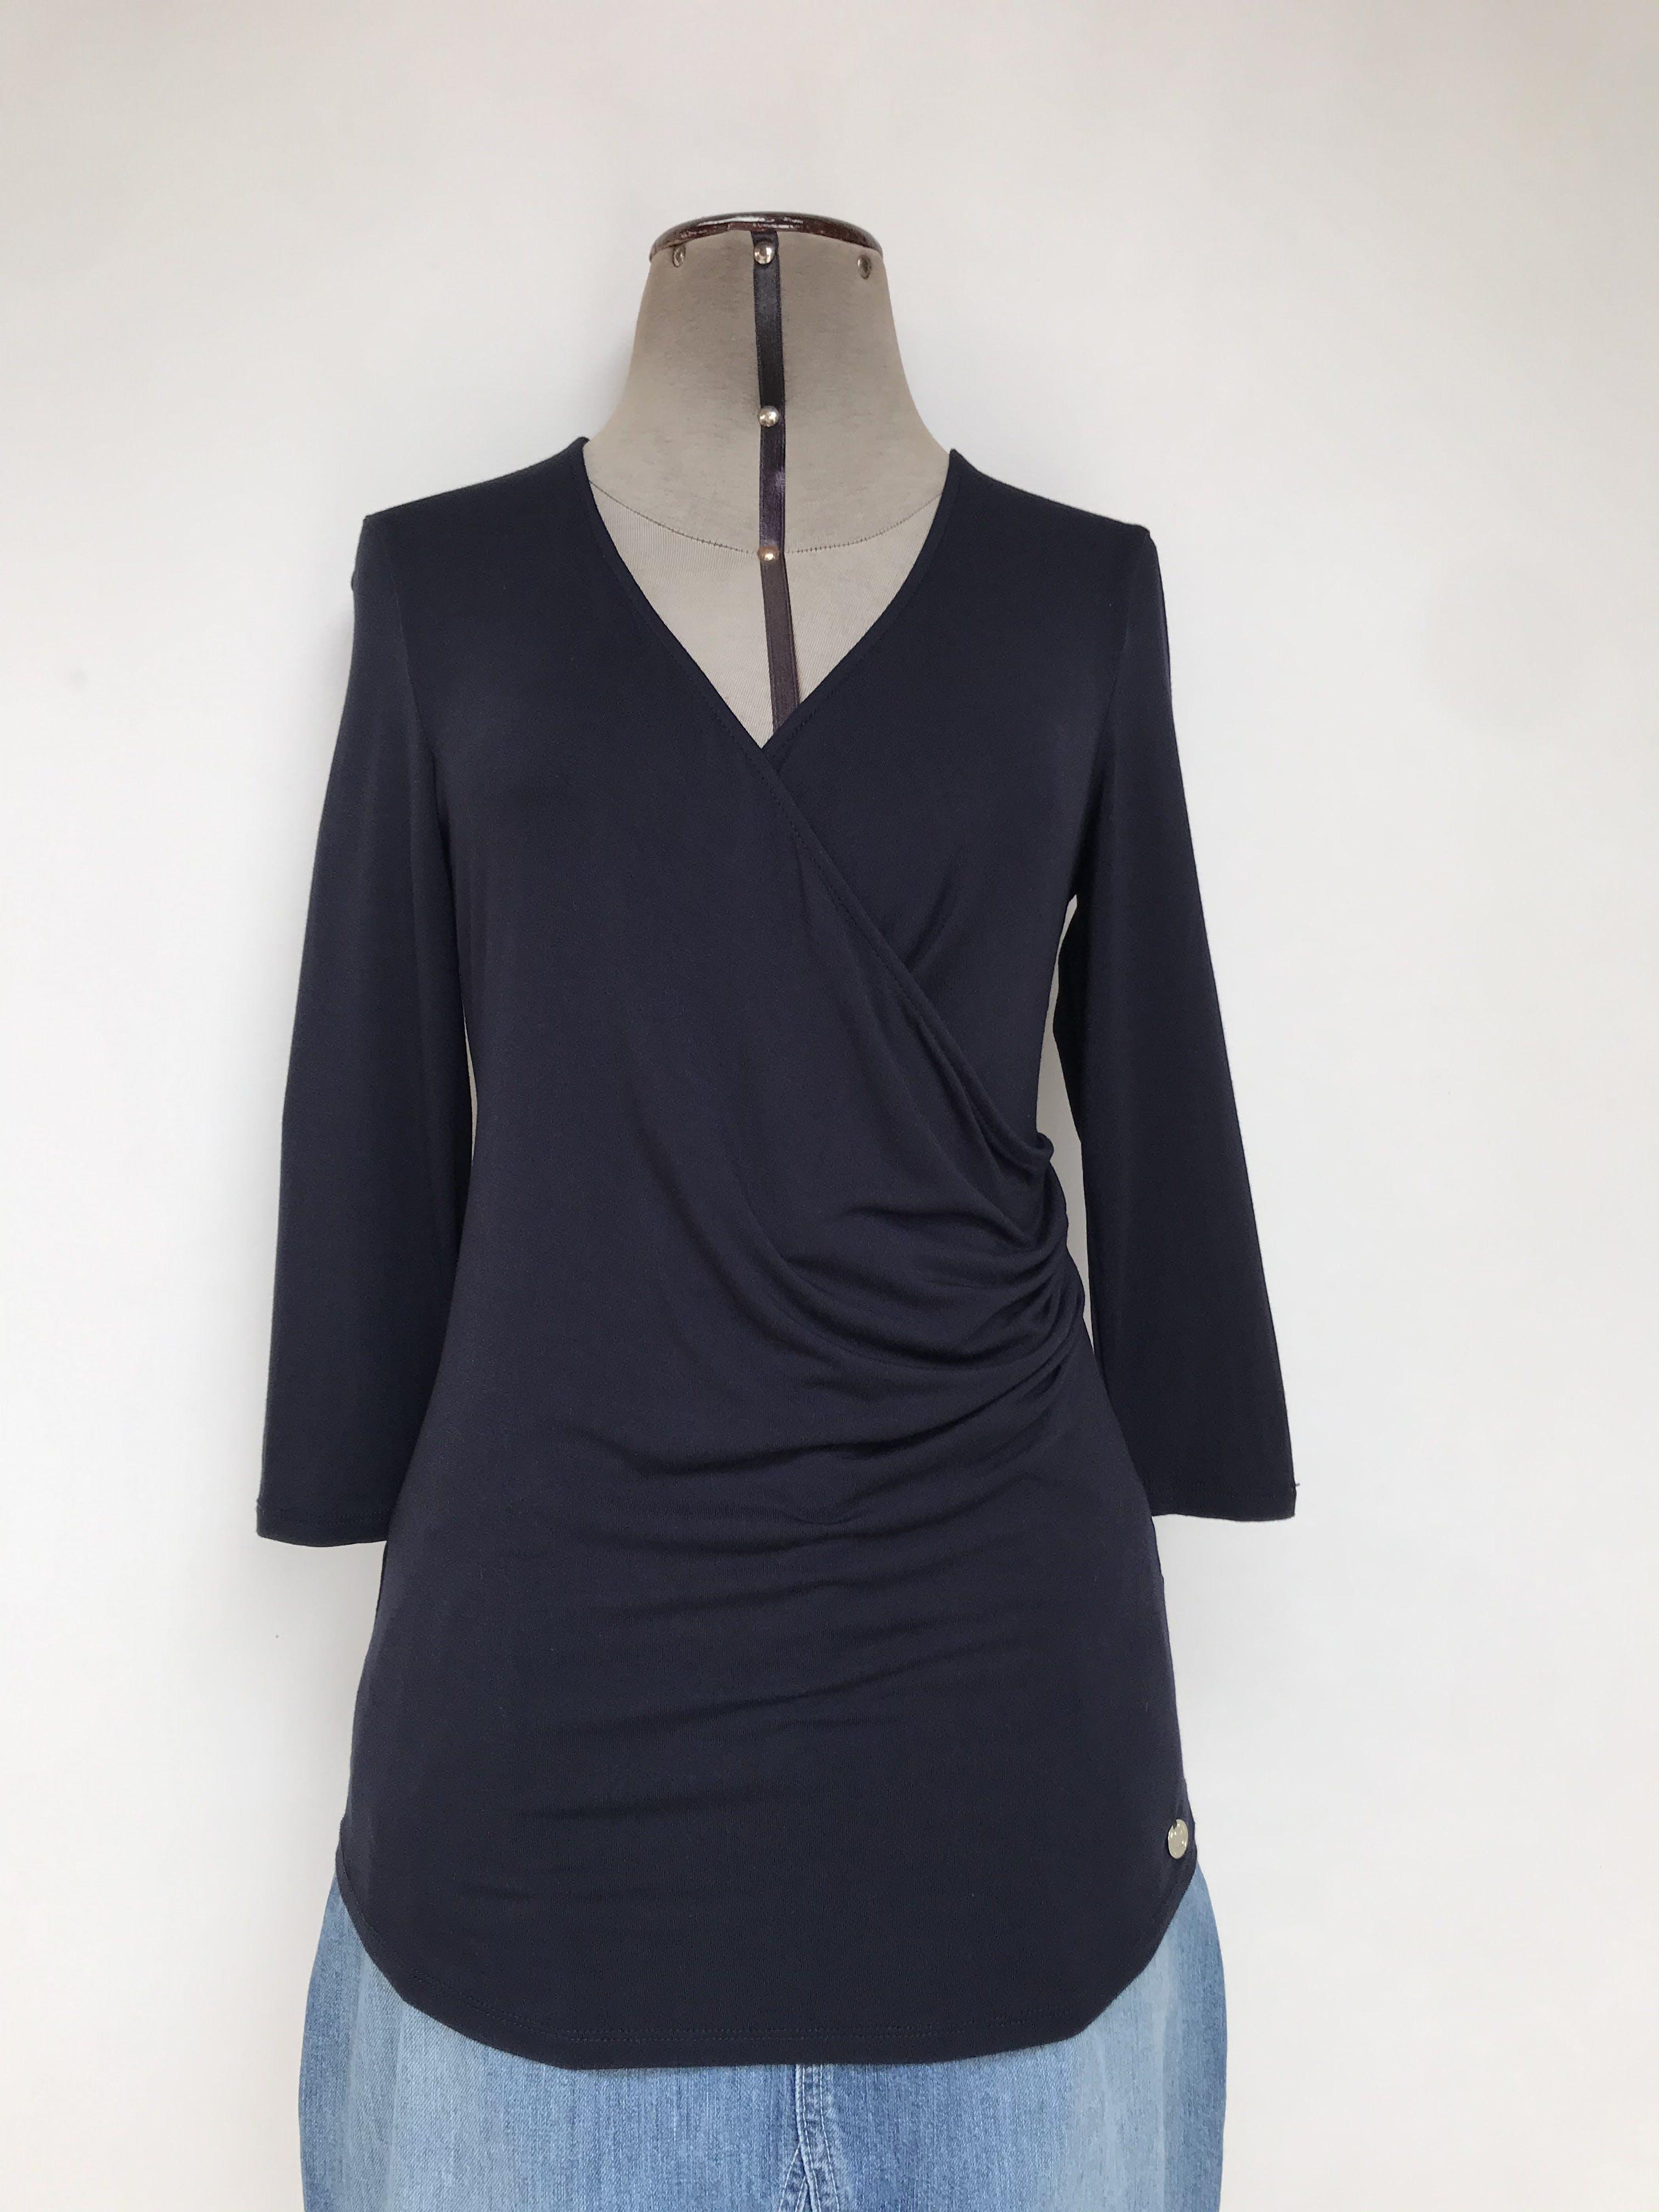 Polo Cacharel azul marino, escote cruzado con pliegues laterales, manga 3/4 y tela tipo algodón stretch Talla S